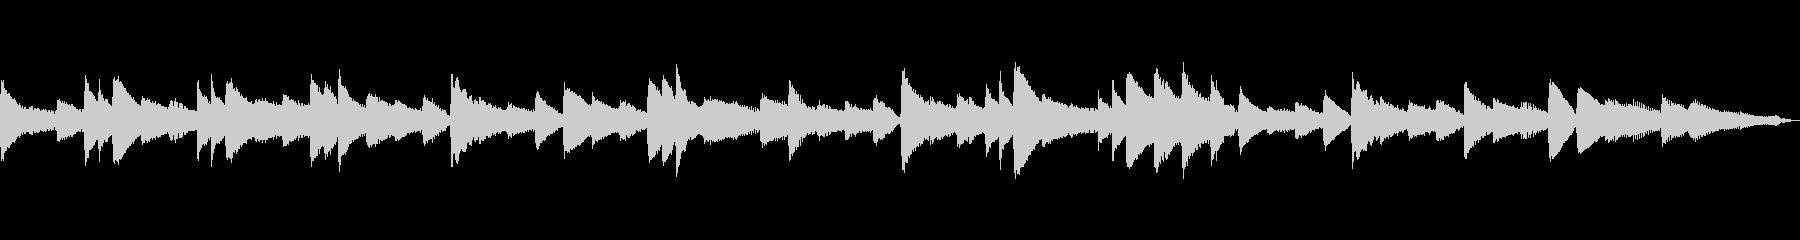 落ち着いた和風イメージなピアノソロの未再生の波形